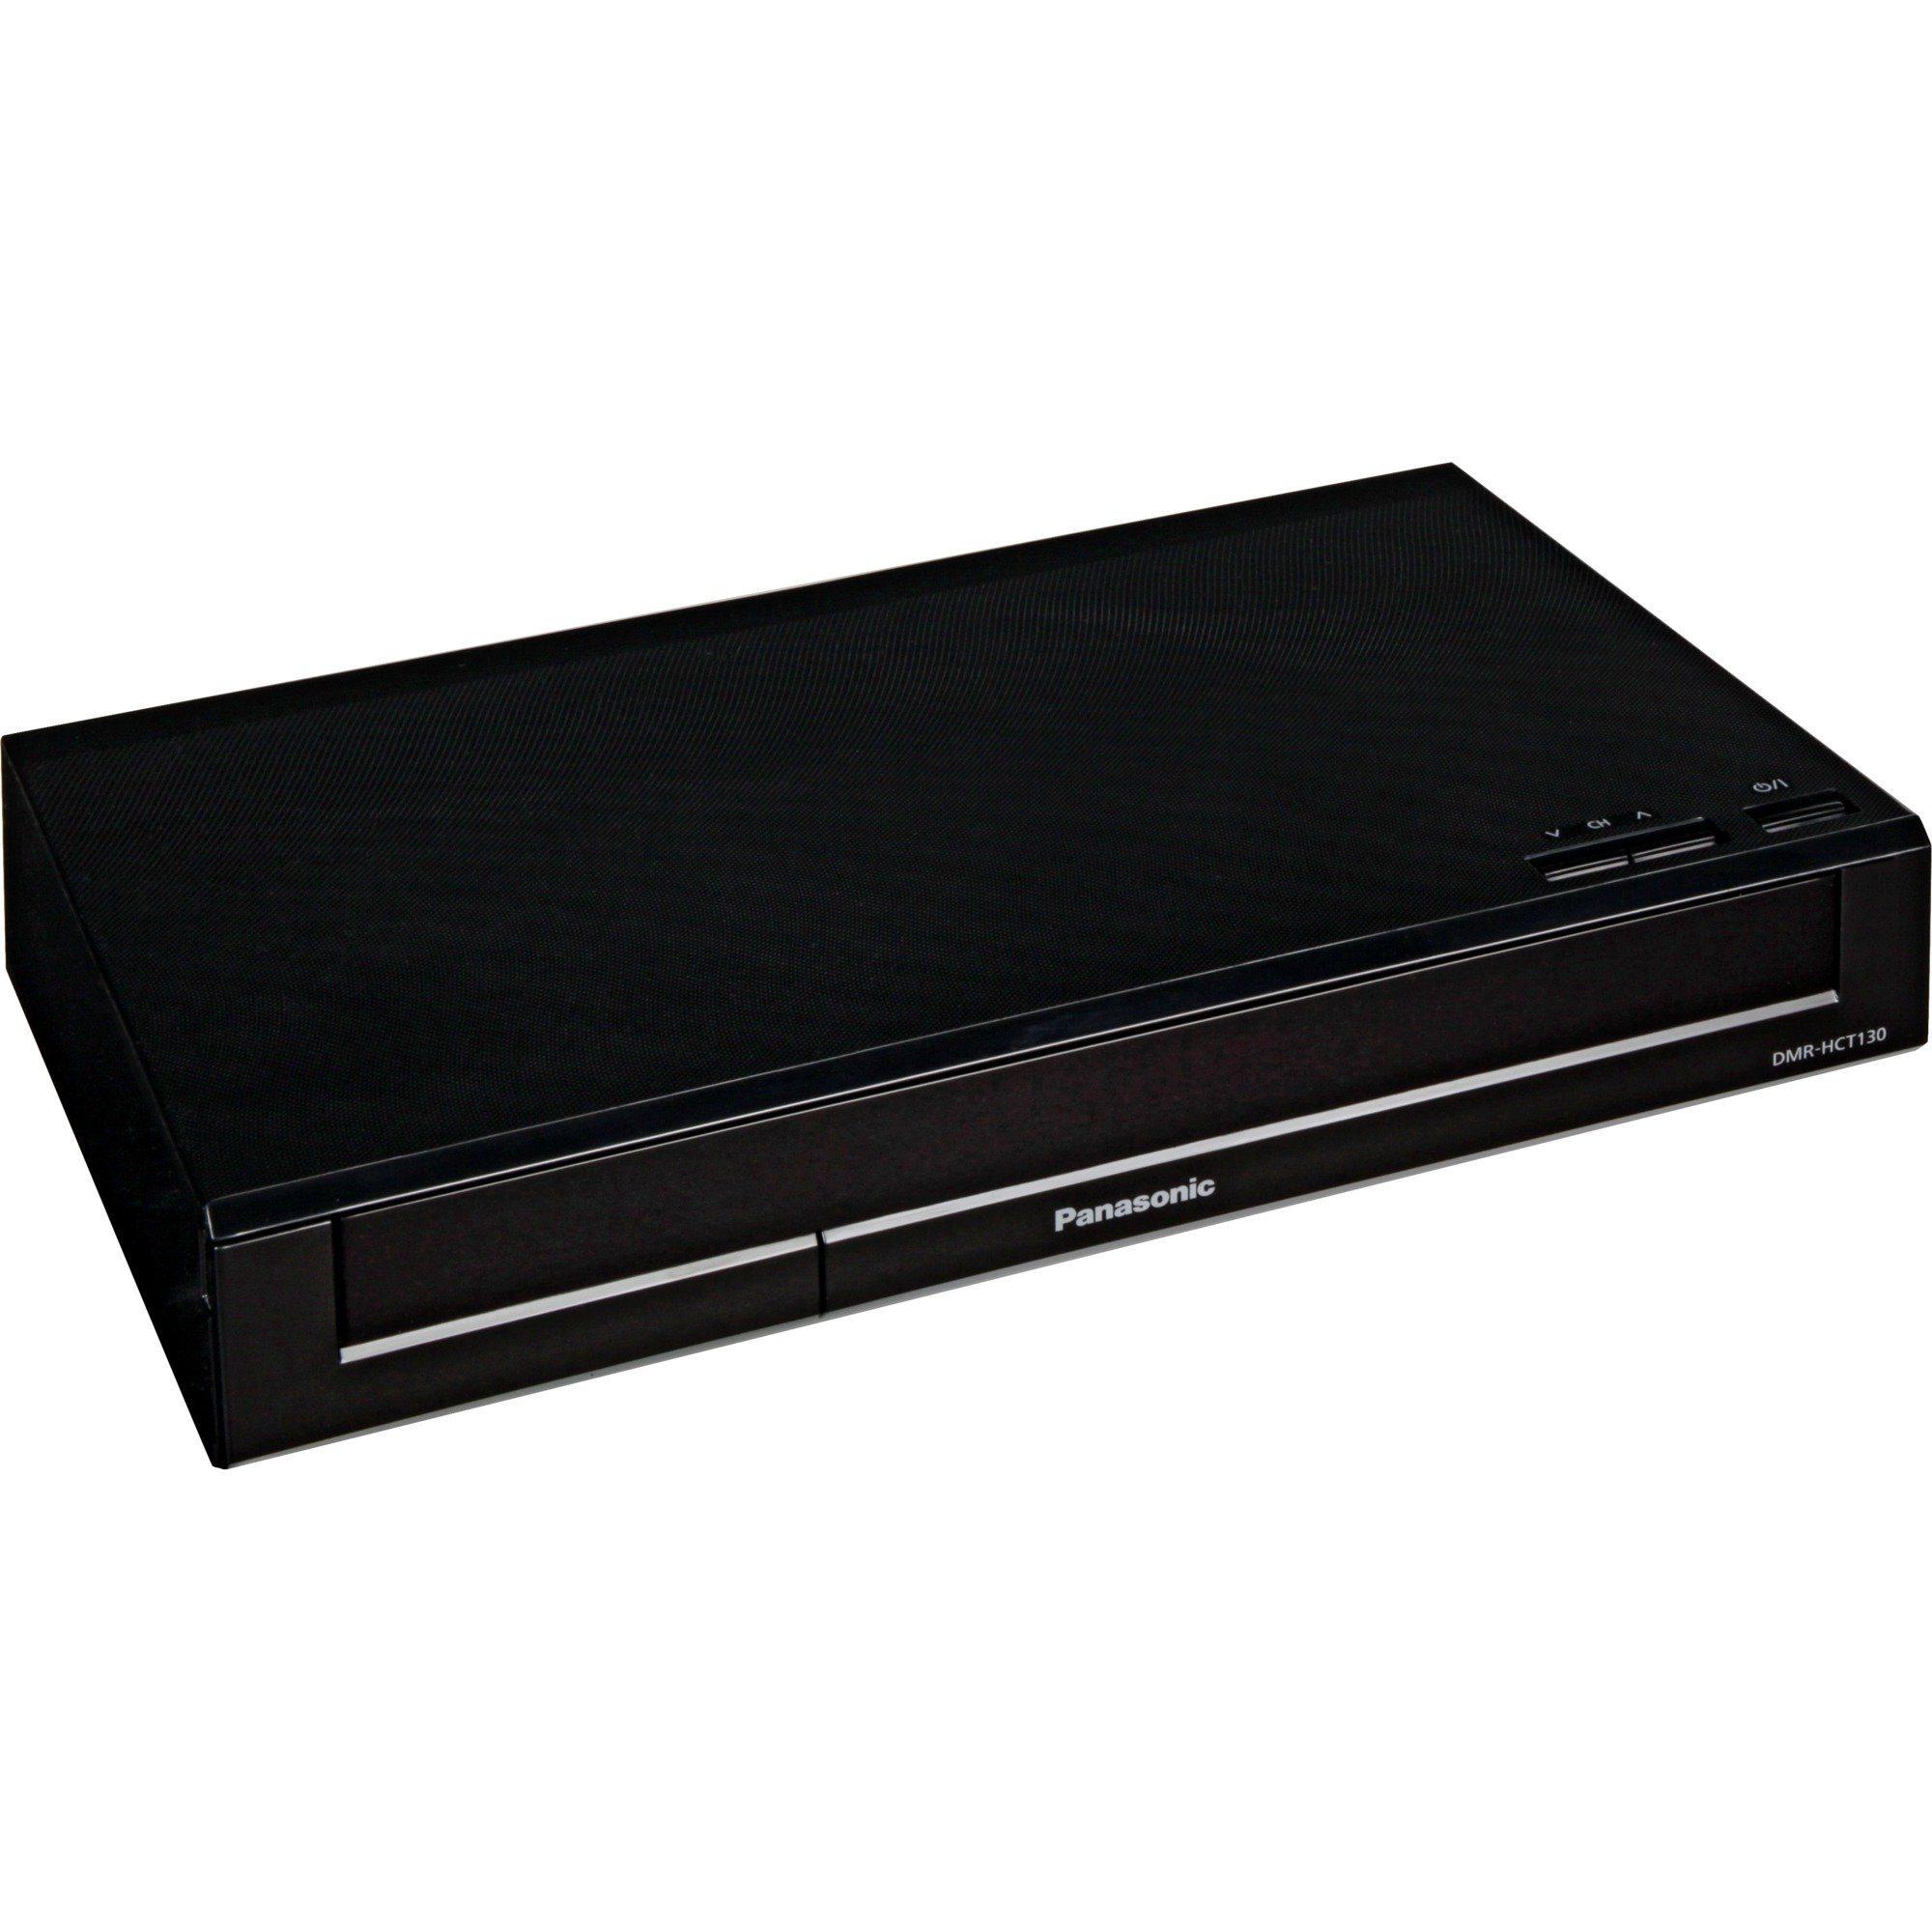 Panasonic Kabel-Receiver »DMR-HCT130 500 GB«